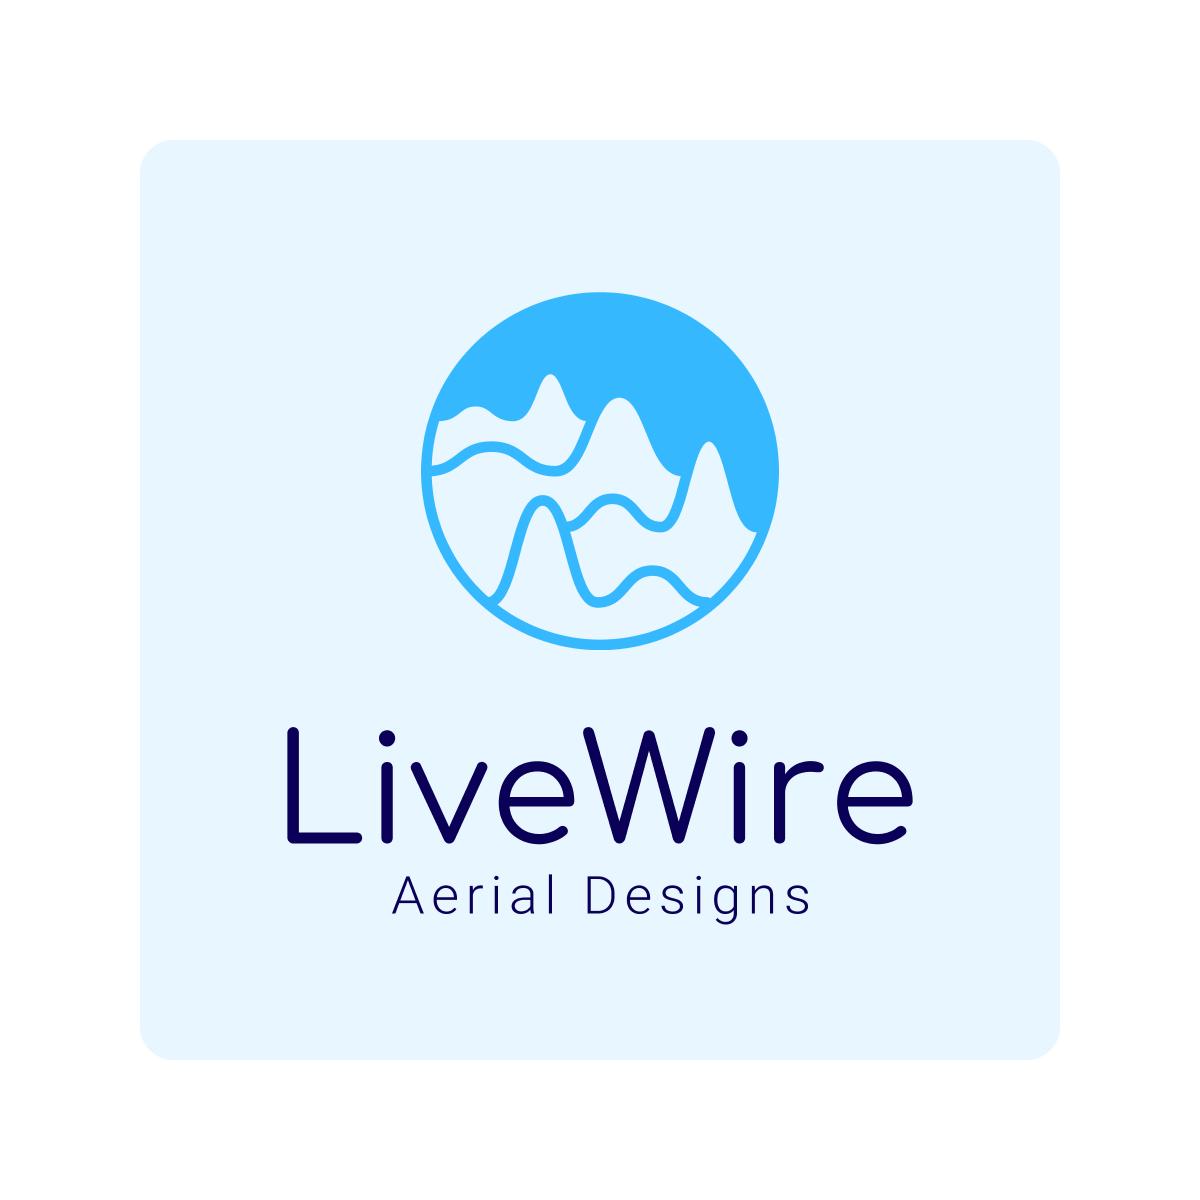 LiveWire Aerial Design primary image